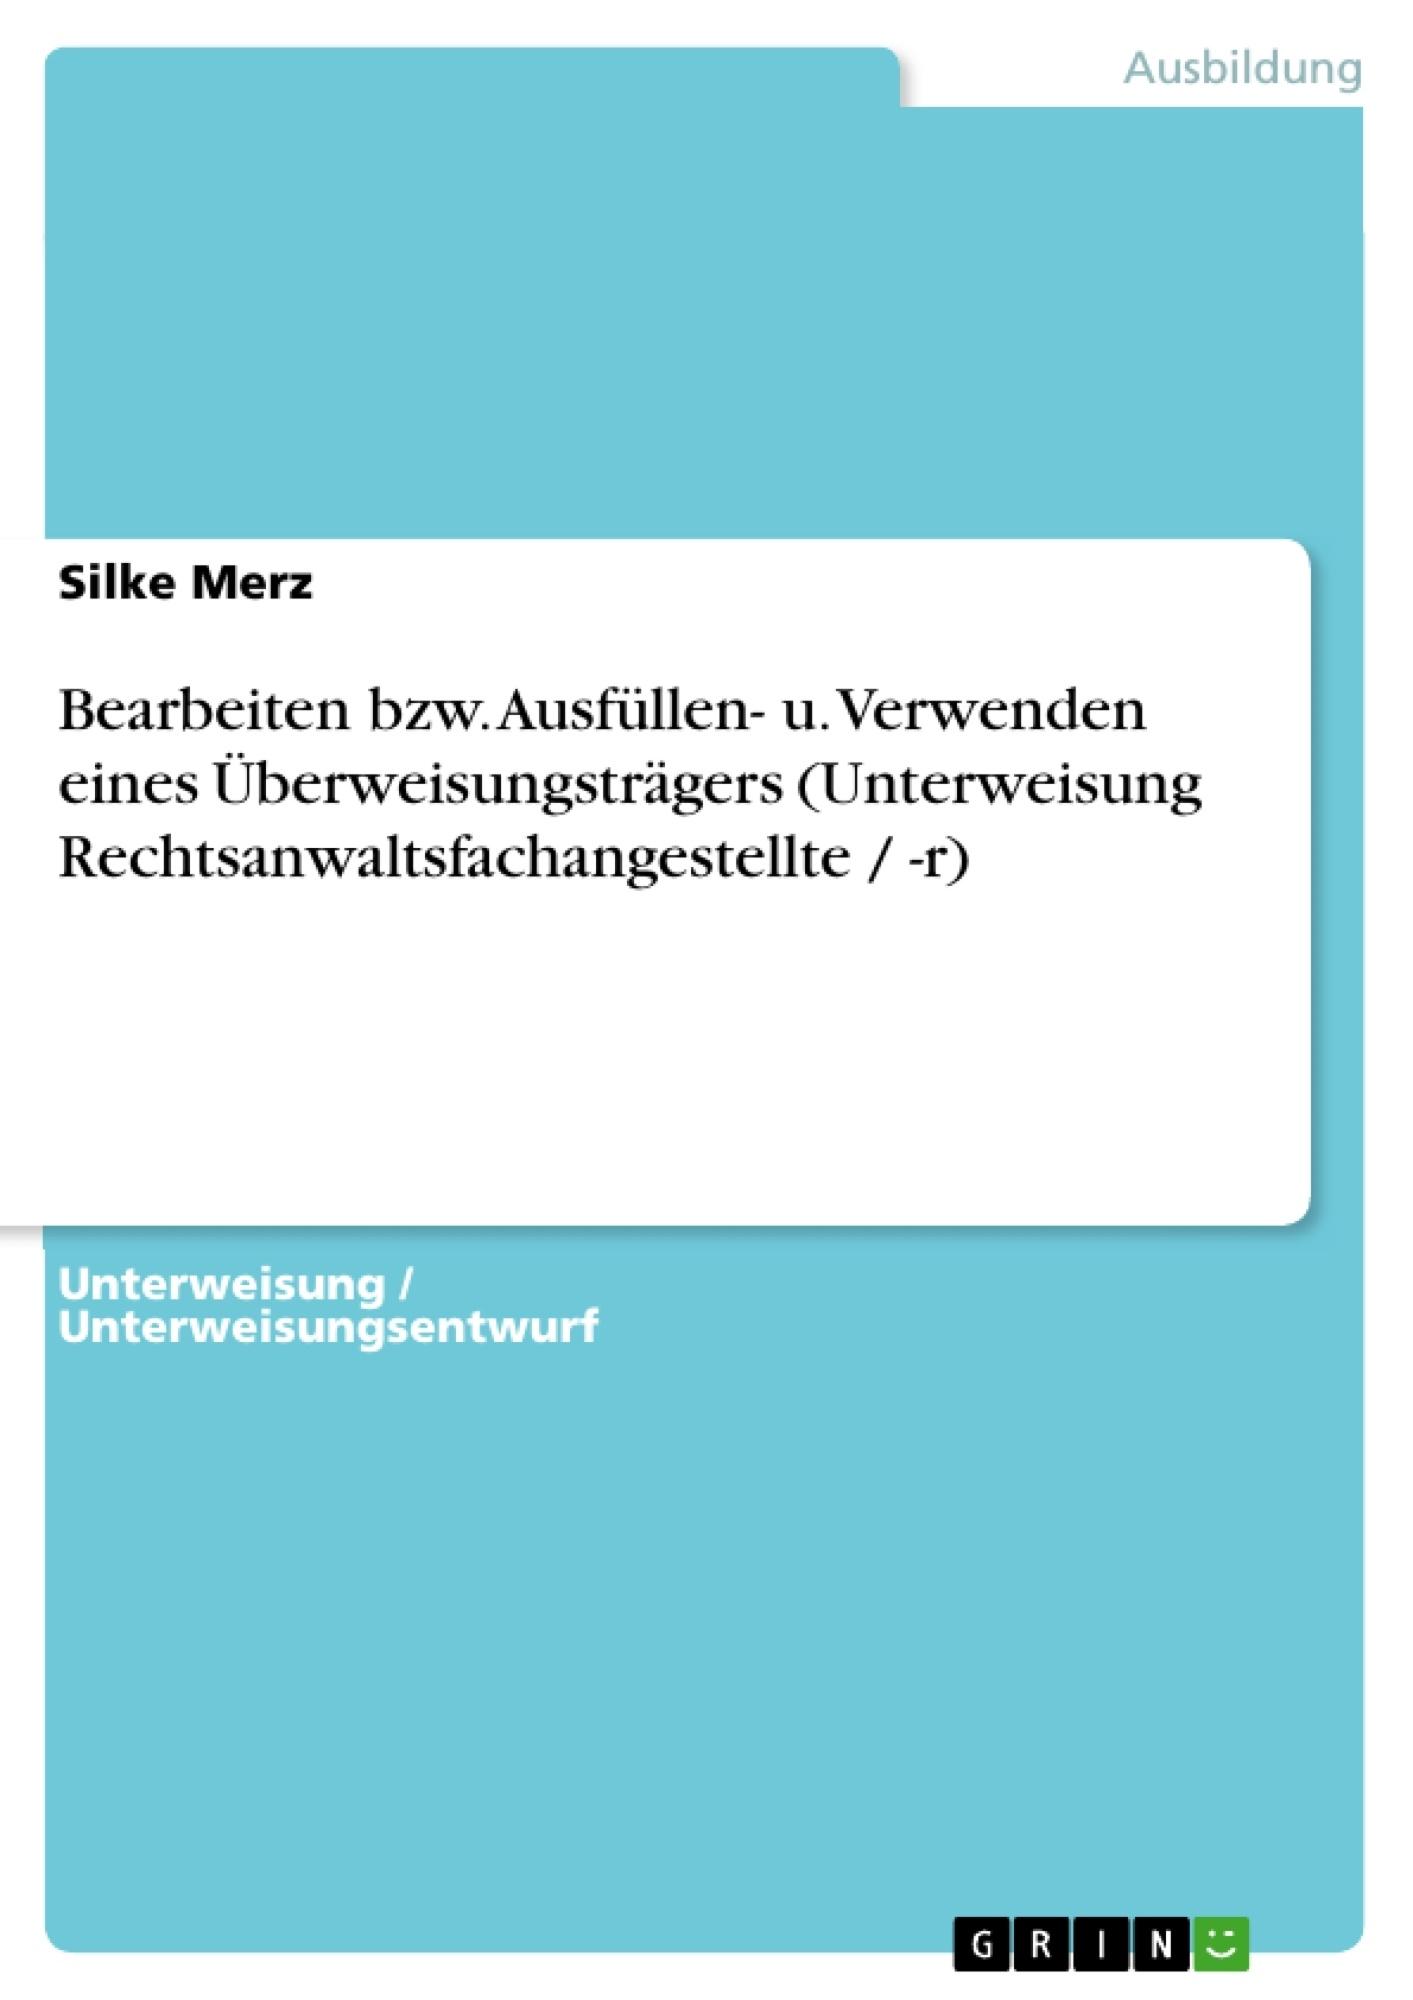 Titel: Bearbeiten bzw. Ausfüllen- u. Verwenden eines Überweisungsträgers (Unterweisung Rechtsanwaltsfachangestellte / -r)